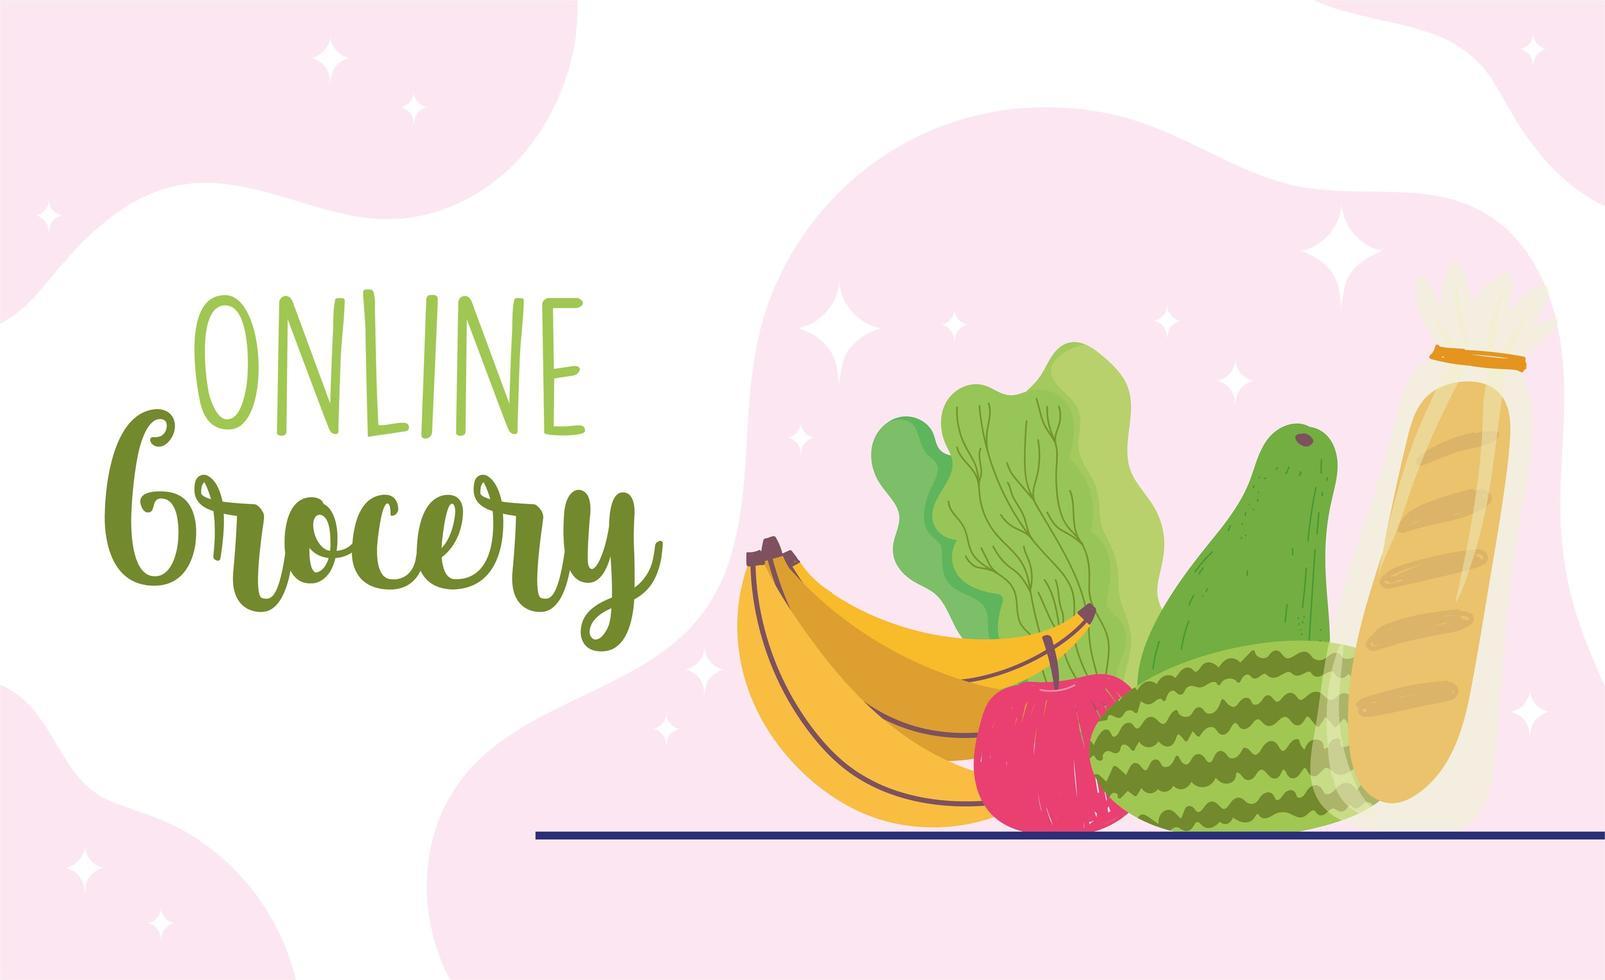 marché en ligne. épicerie livraison à domicile vecteur